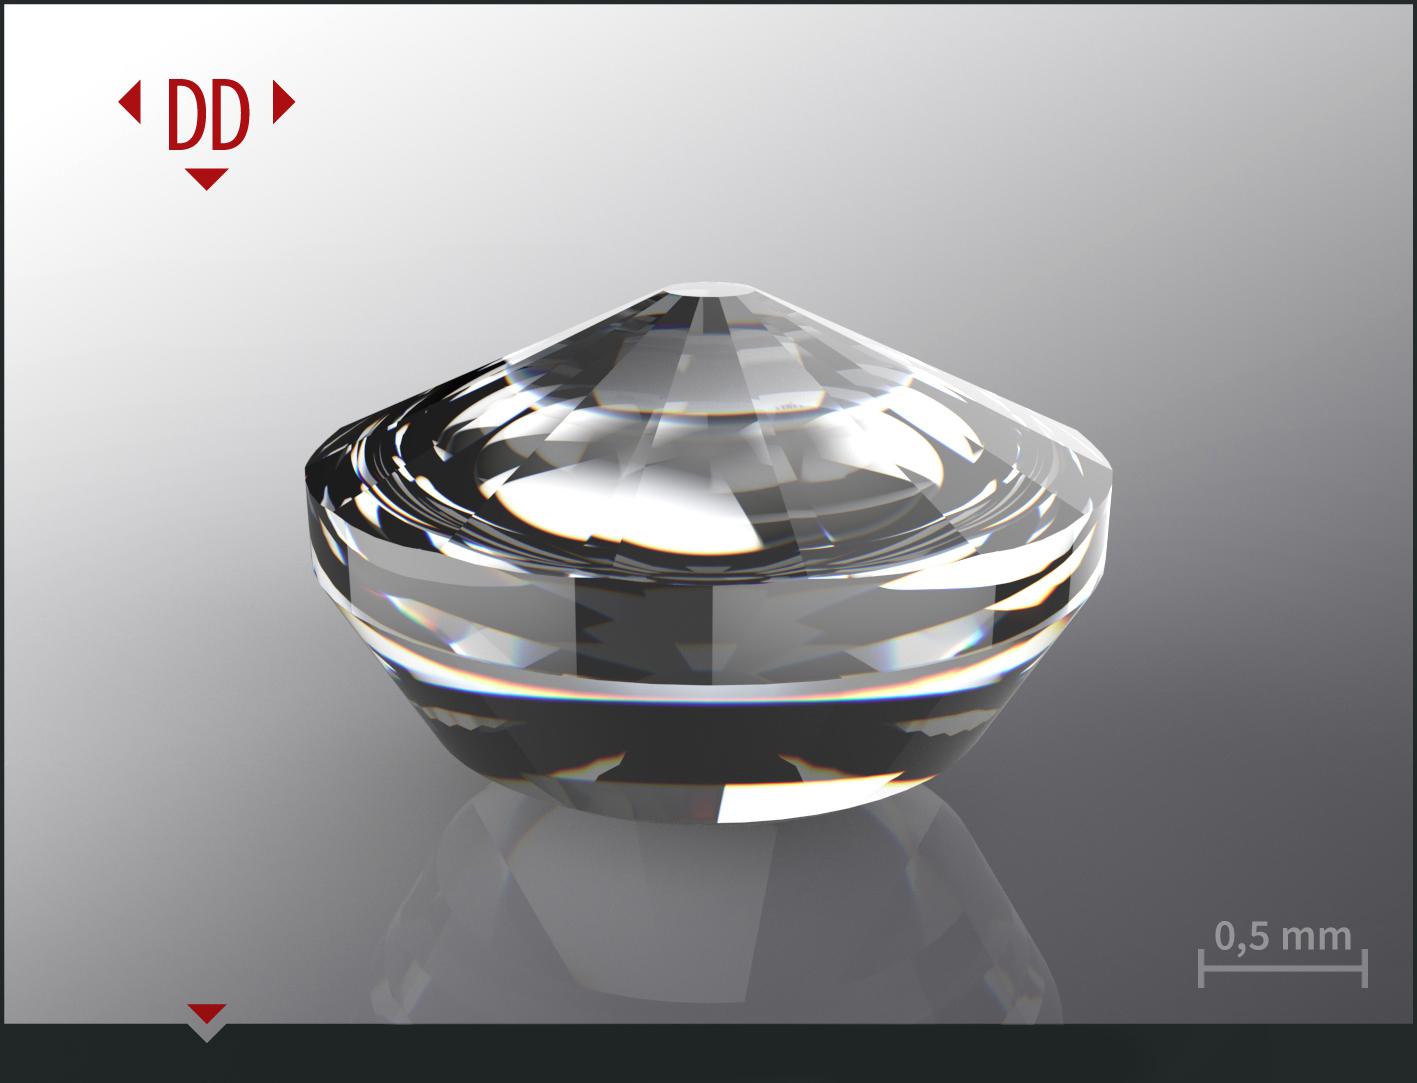 Spherical anvil